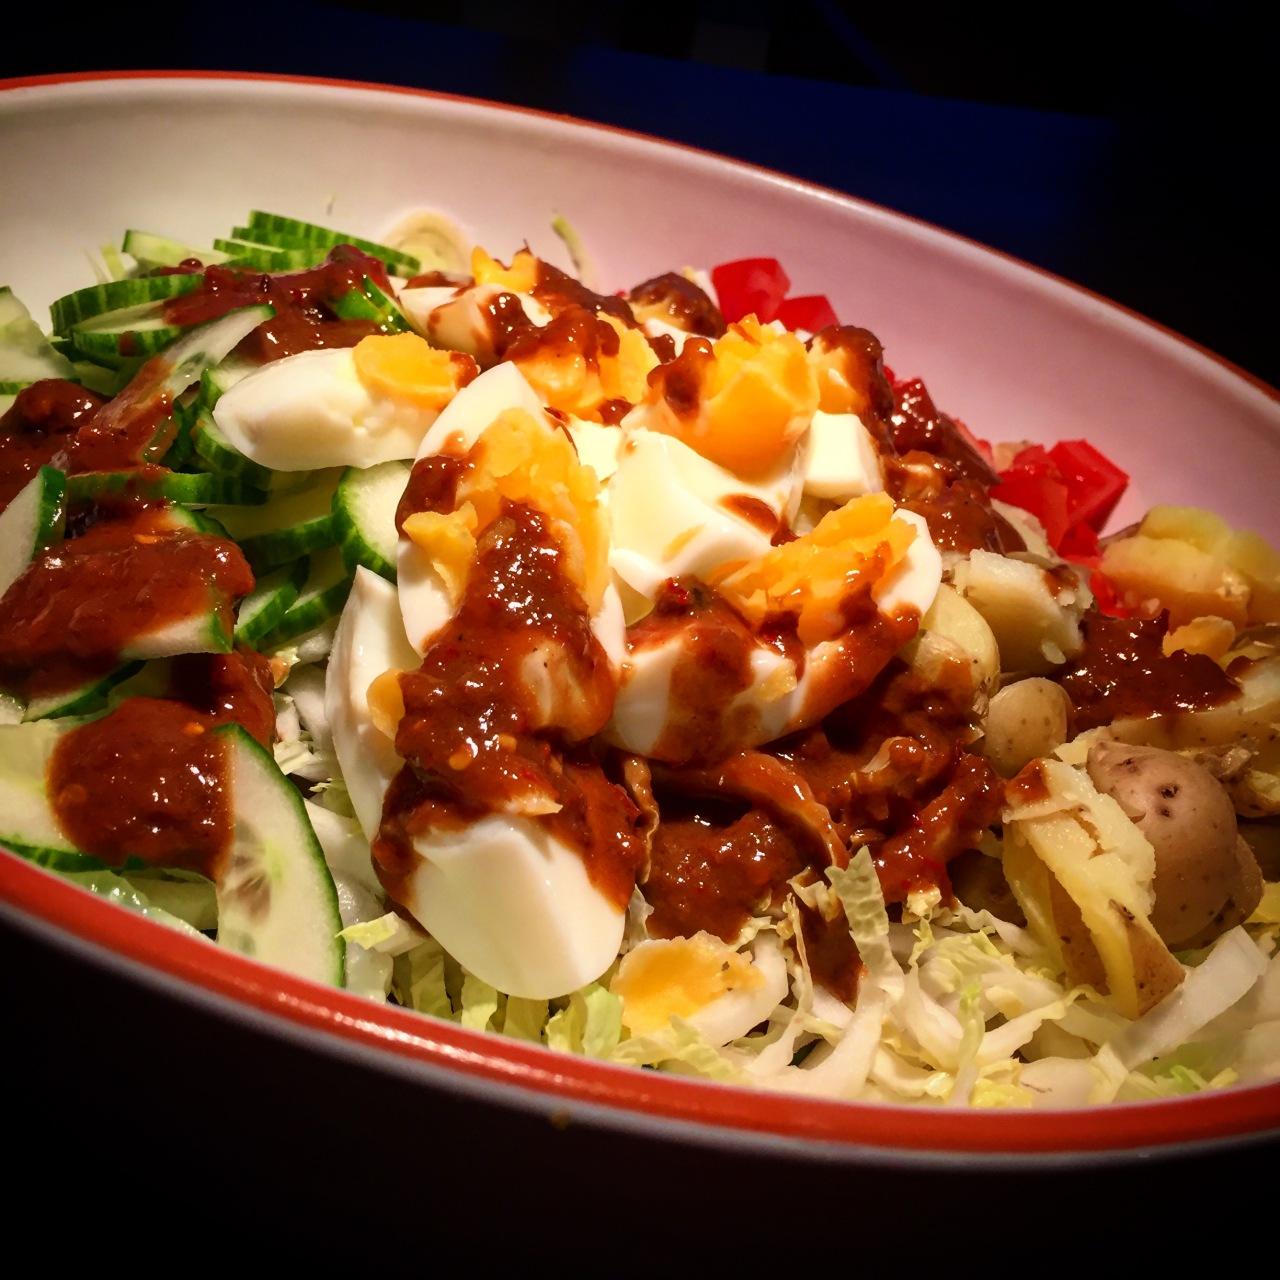 Gado Gado: Indonesischer Salat mit scharferErdnussauce